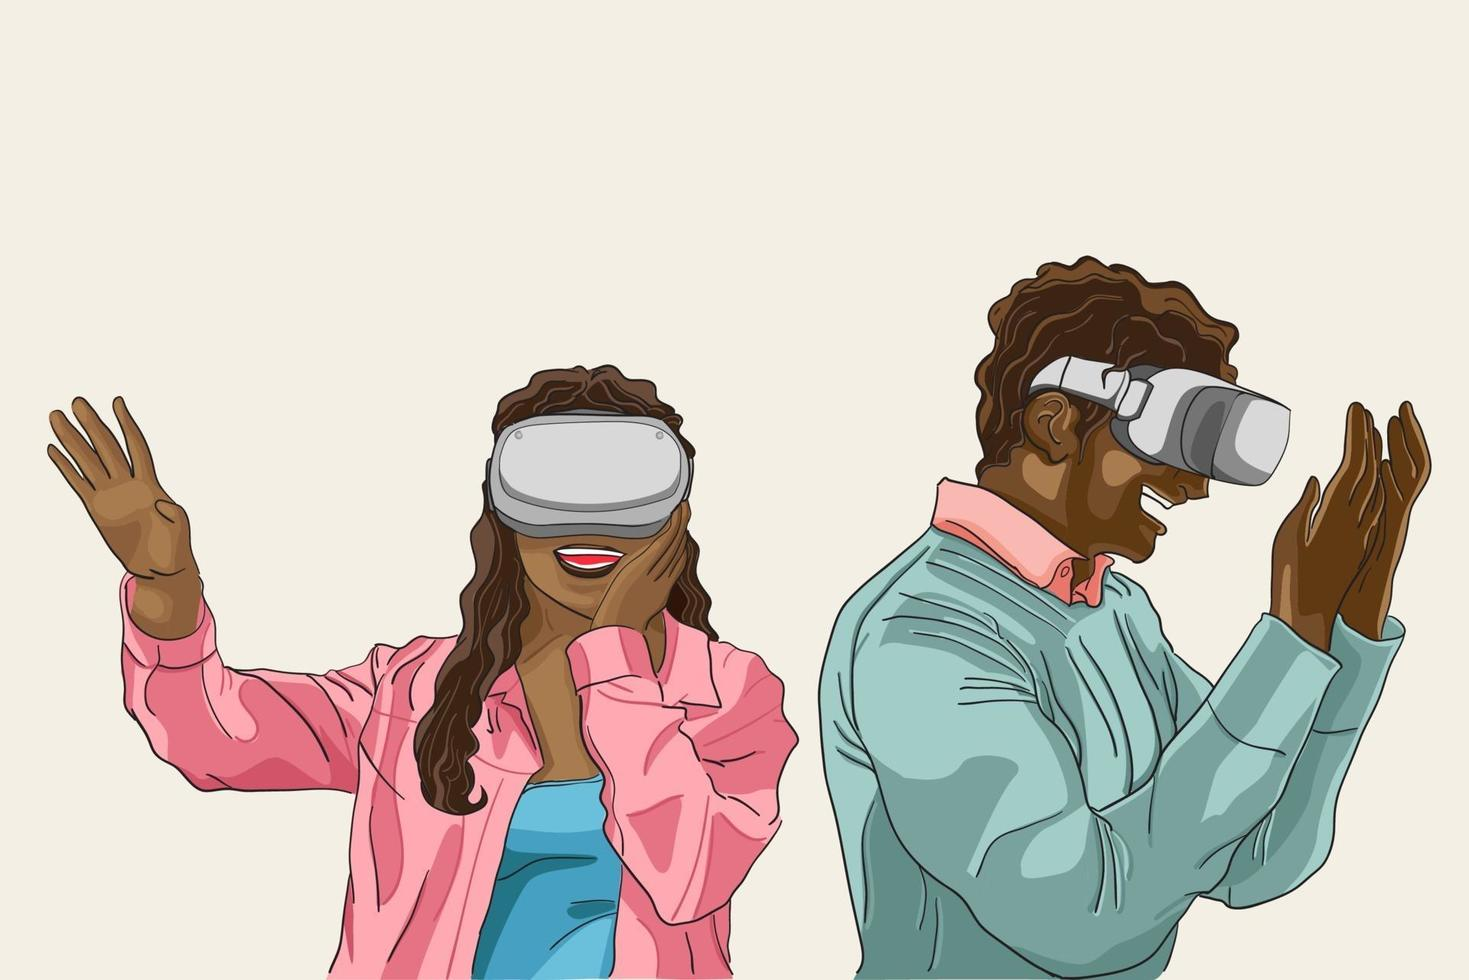 pessoas empolgantes em como usar o dispositivo de realidade virtual vr, alguns negros com um estilo de cabelo afro encaracolado que se divertem com o dispositivo vr, conteúdo para contribuidor, ilustração vetorial plana. vetor